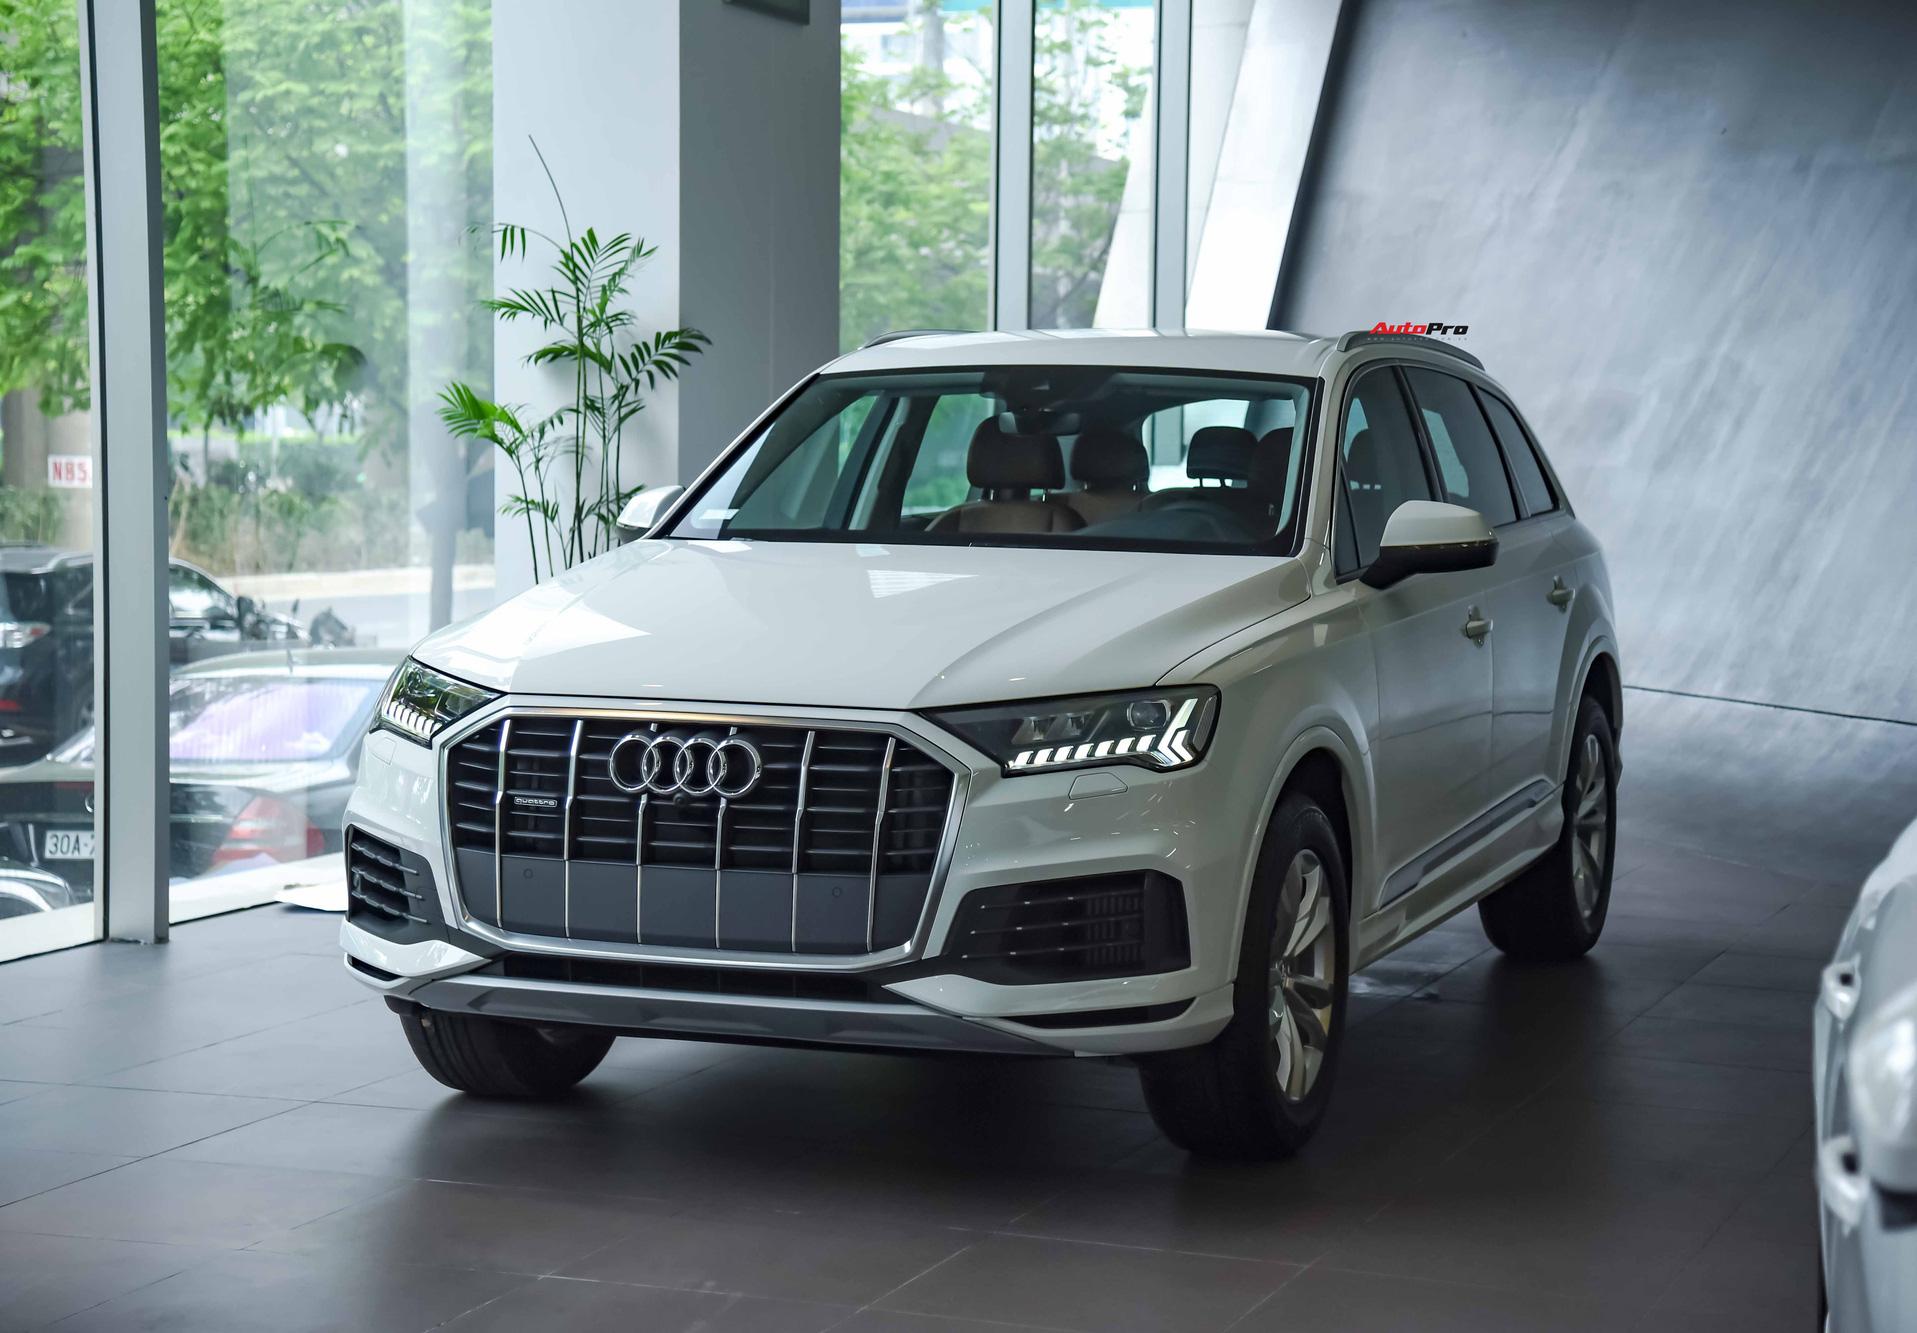 Audi Q7 có mức giá gần sát với VinFast President dù nằm ở phân khúc dưới.